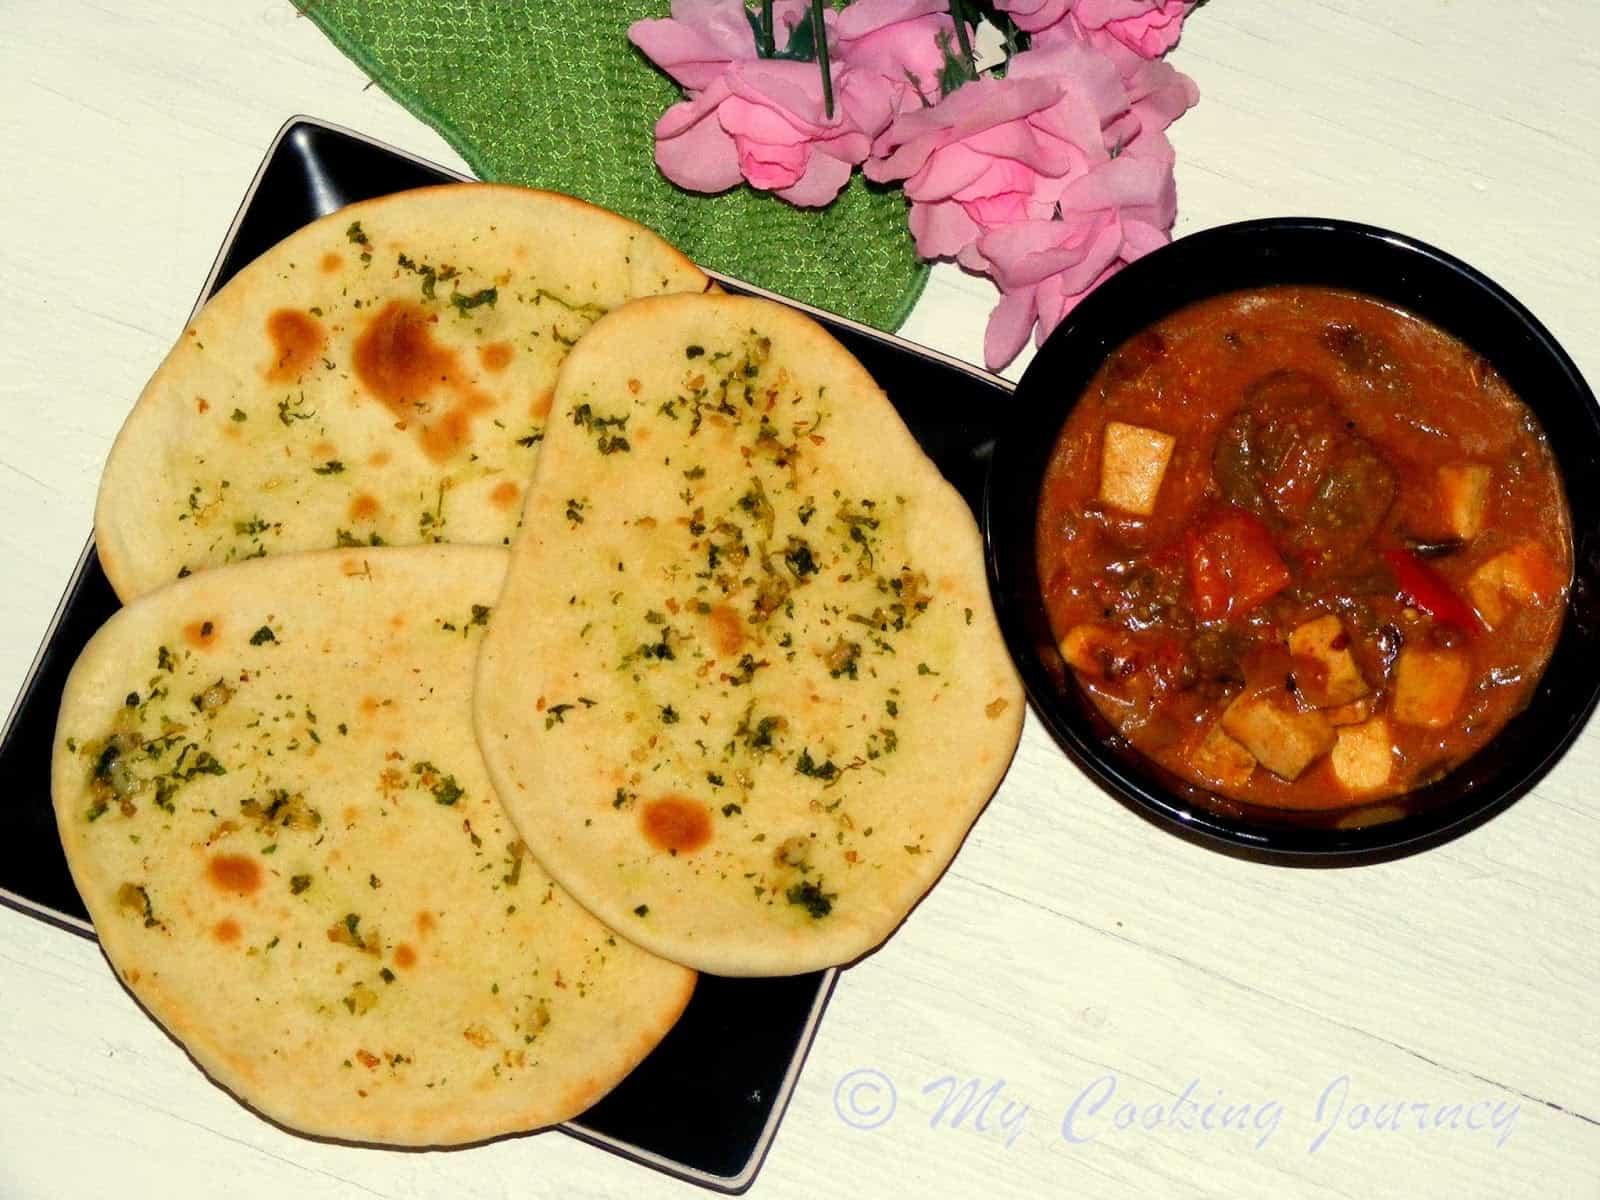 Naan – Garlic Naan (Oven baked Flatbread)